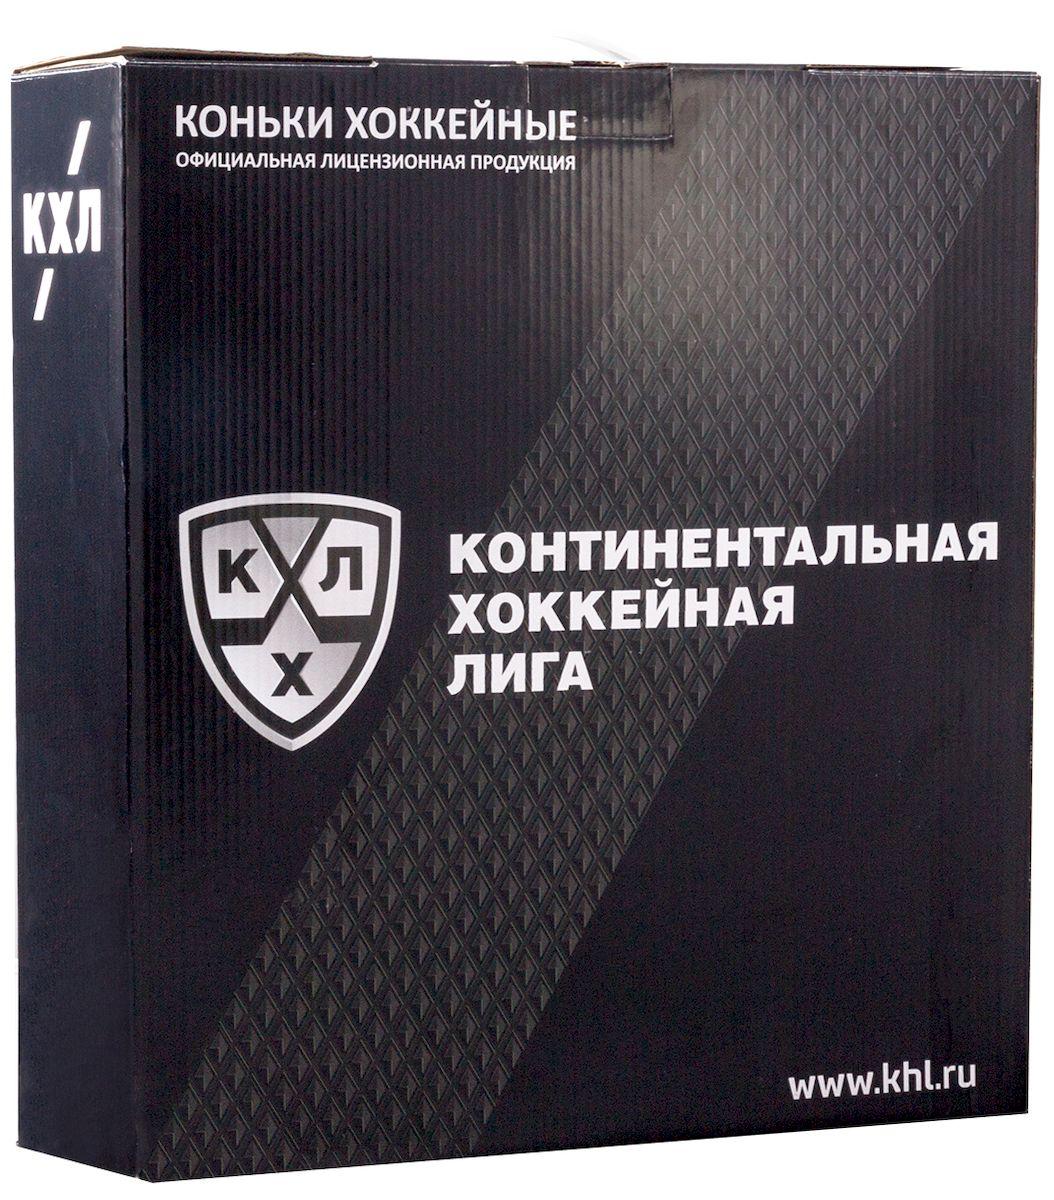 Коньки хоккейные КХЛ Legend, цвет: черный, серый, белый. УТ-00009137. Размер 45